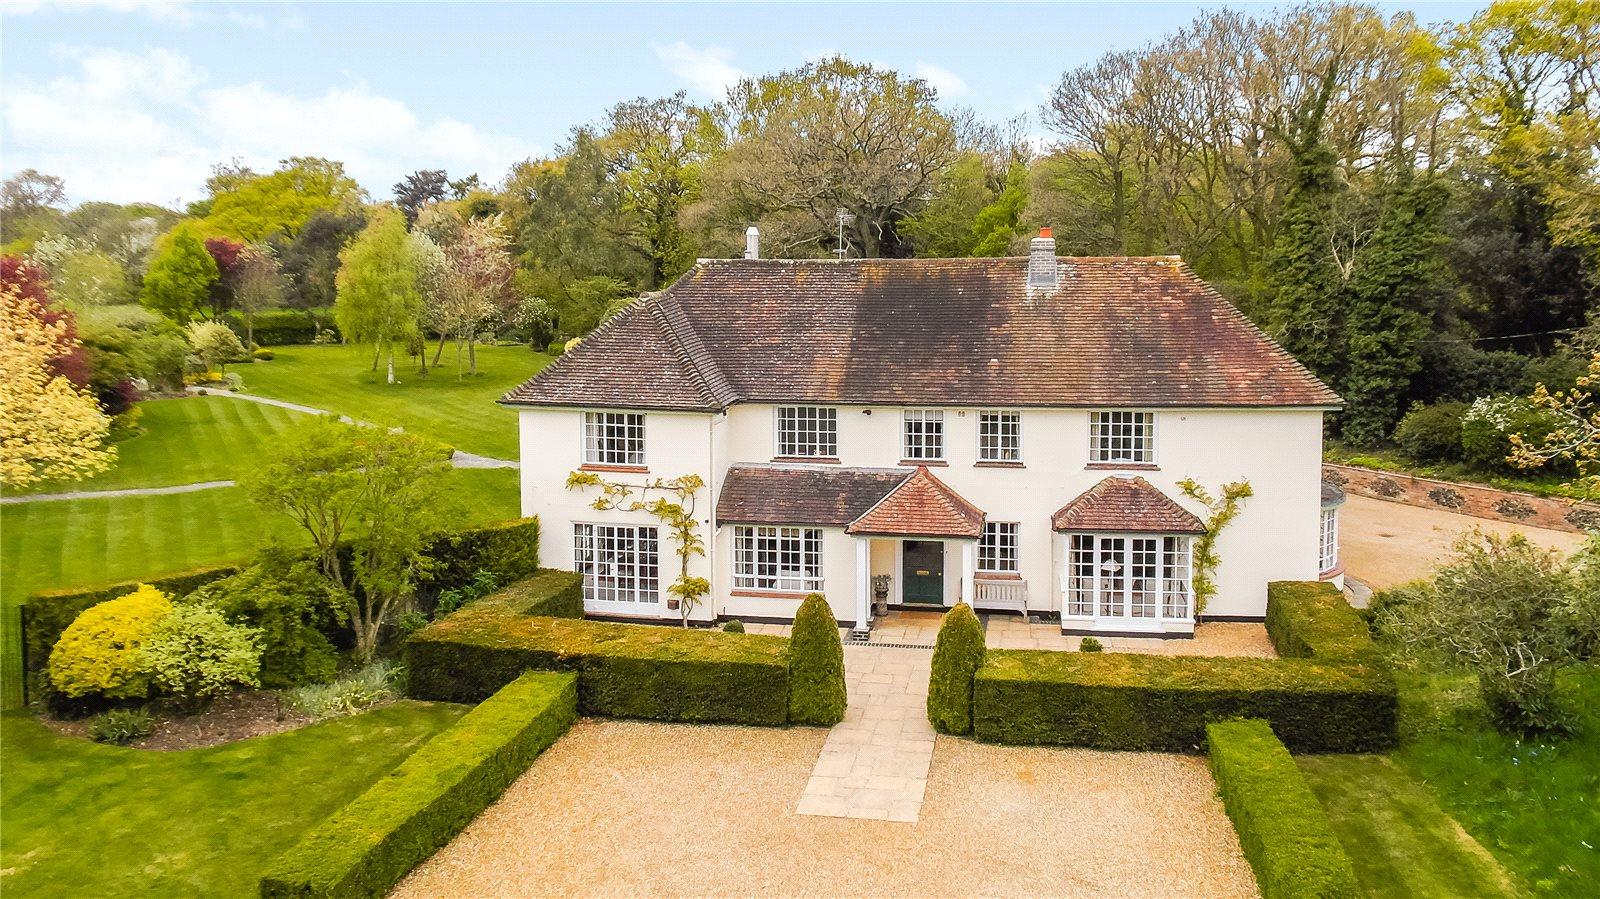 Maison unifamiliale pour l Vente à Rose Lane, Wheathampstead, St. Albans, Hertfordshire, AL4 St Albans, Angleterre